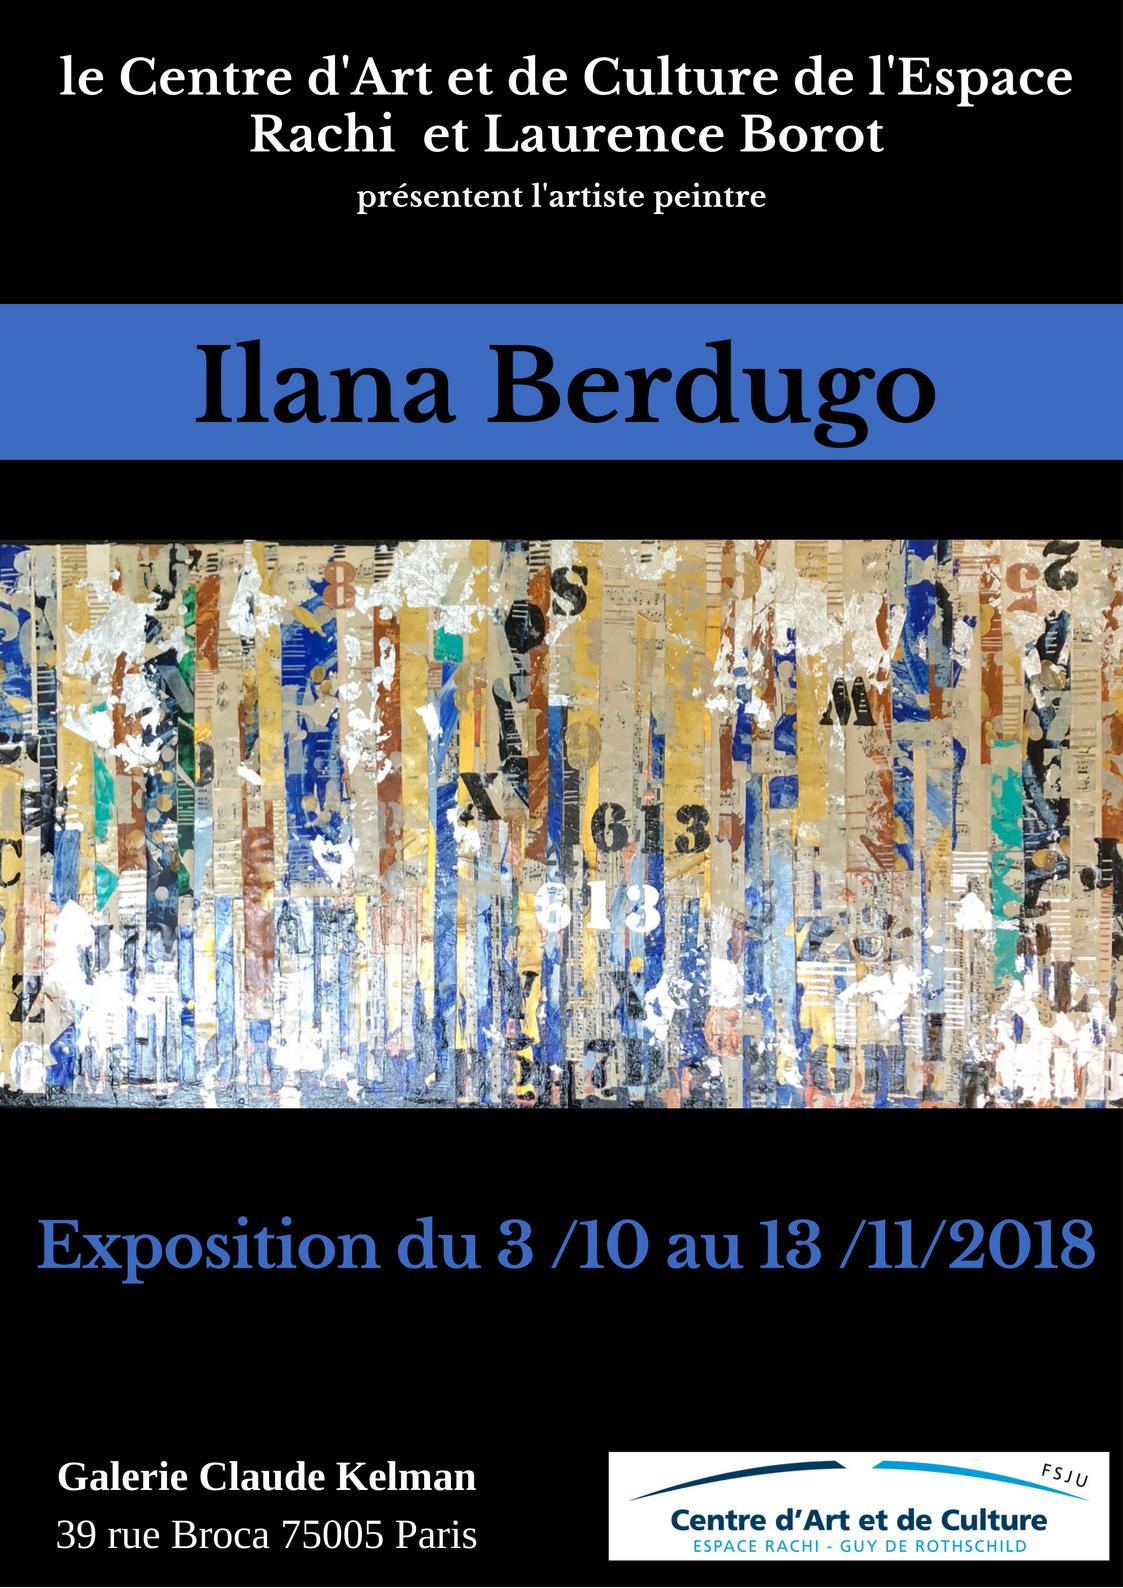 Ilana Berdugo (peintures)